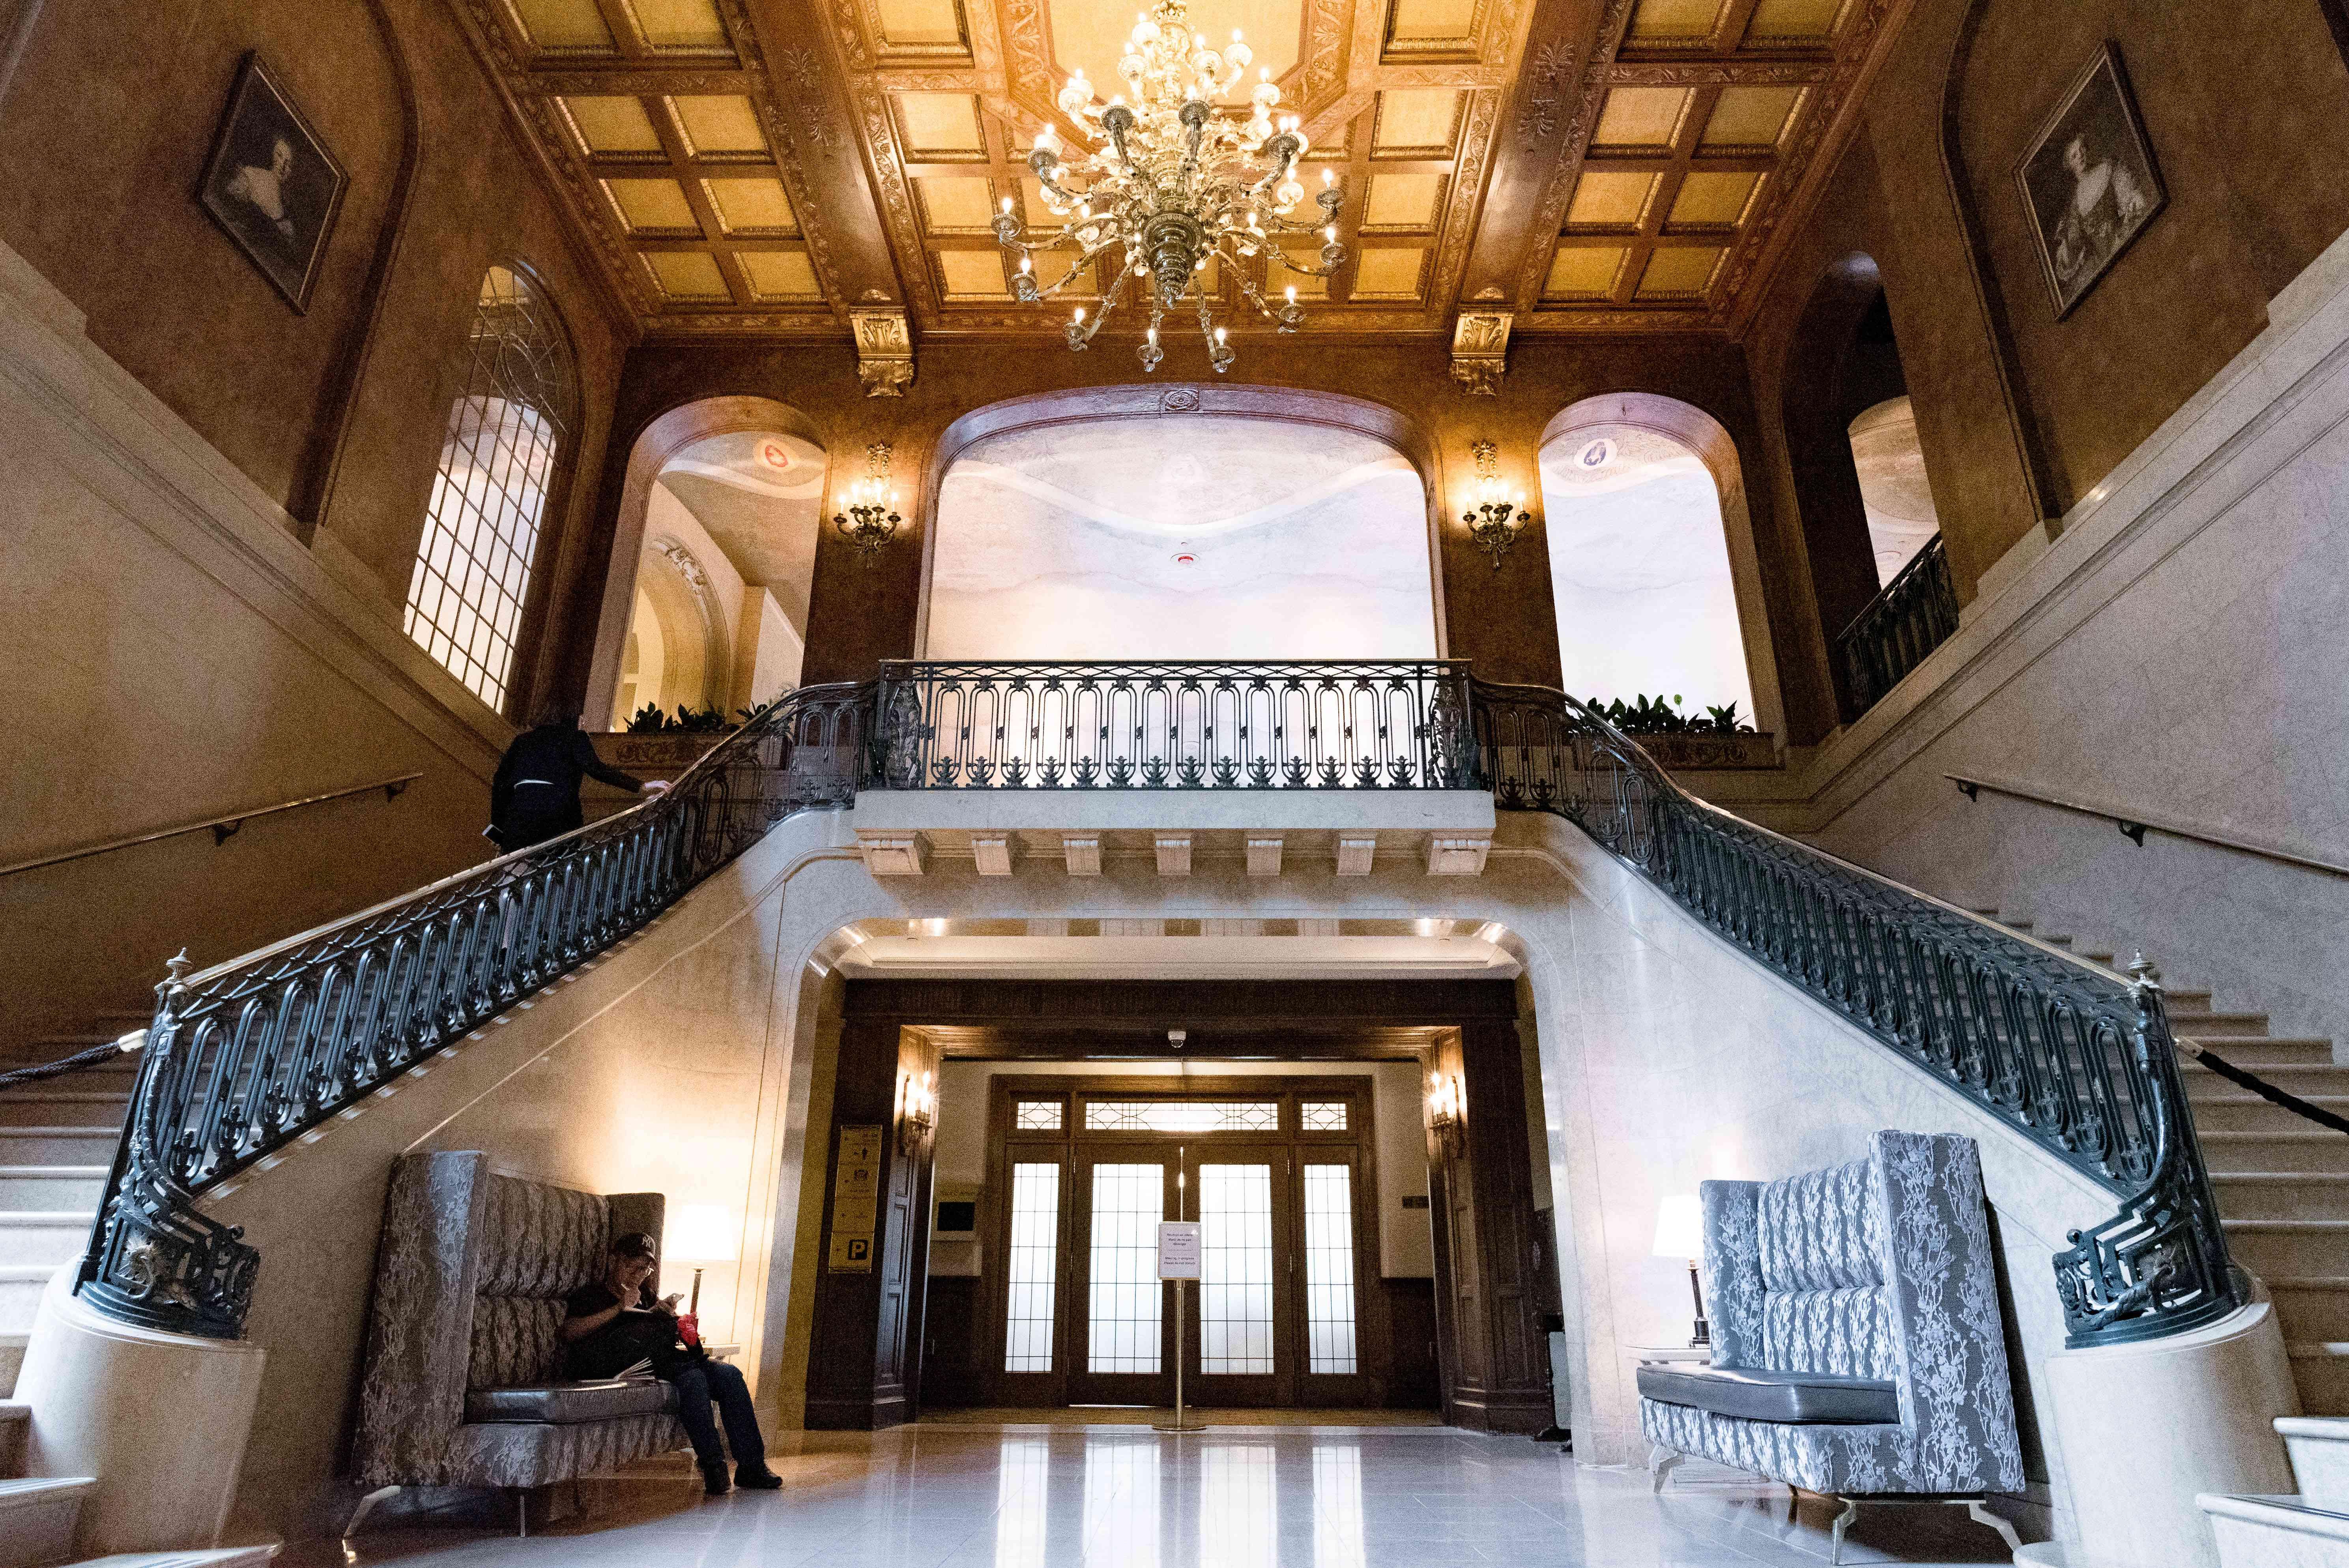 Interior stair case of Fairmont Frontenac